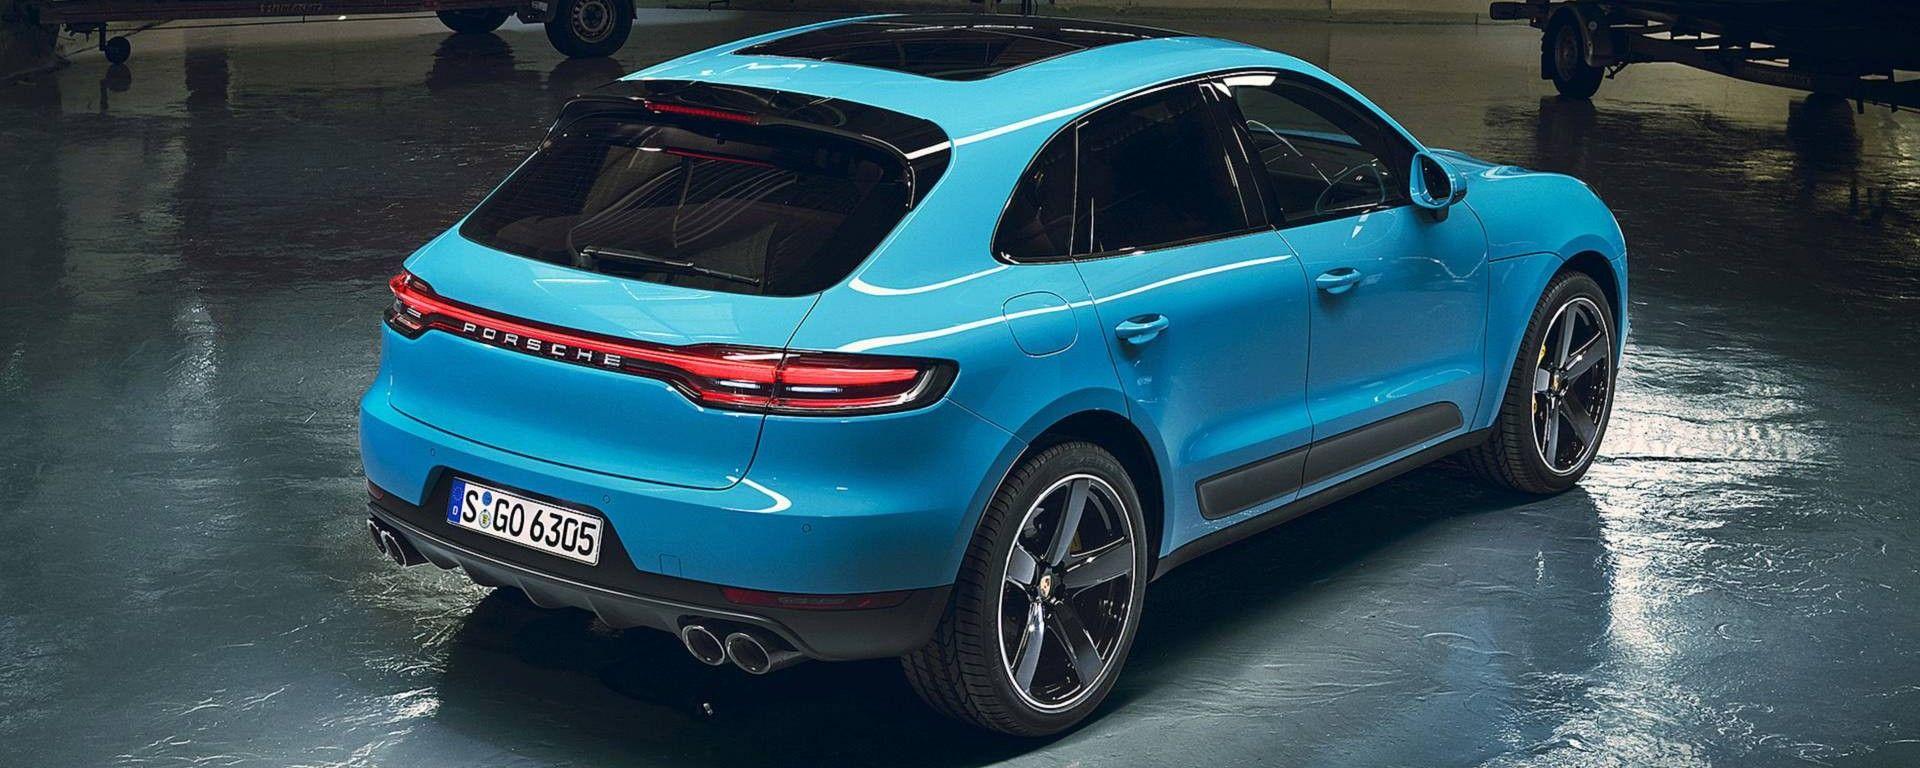 Nuova Porsche Macan 2019 Motori Interni Prezzo Uscita